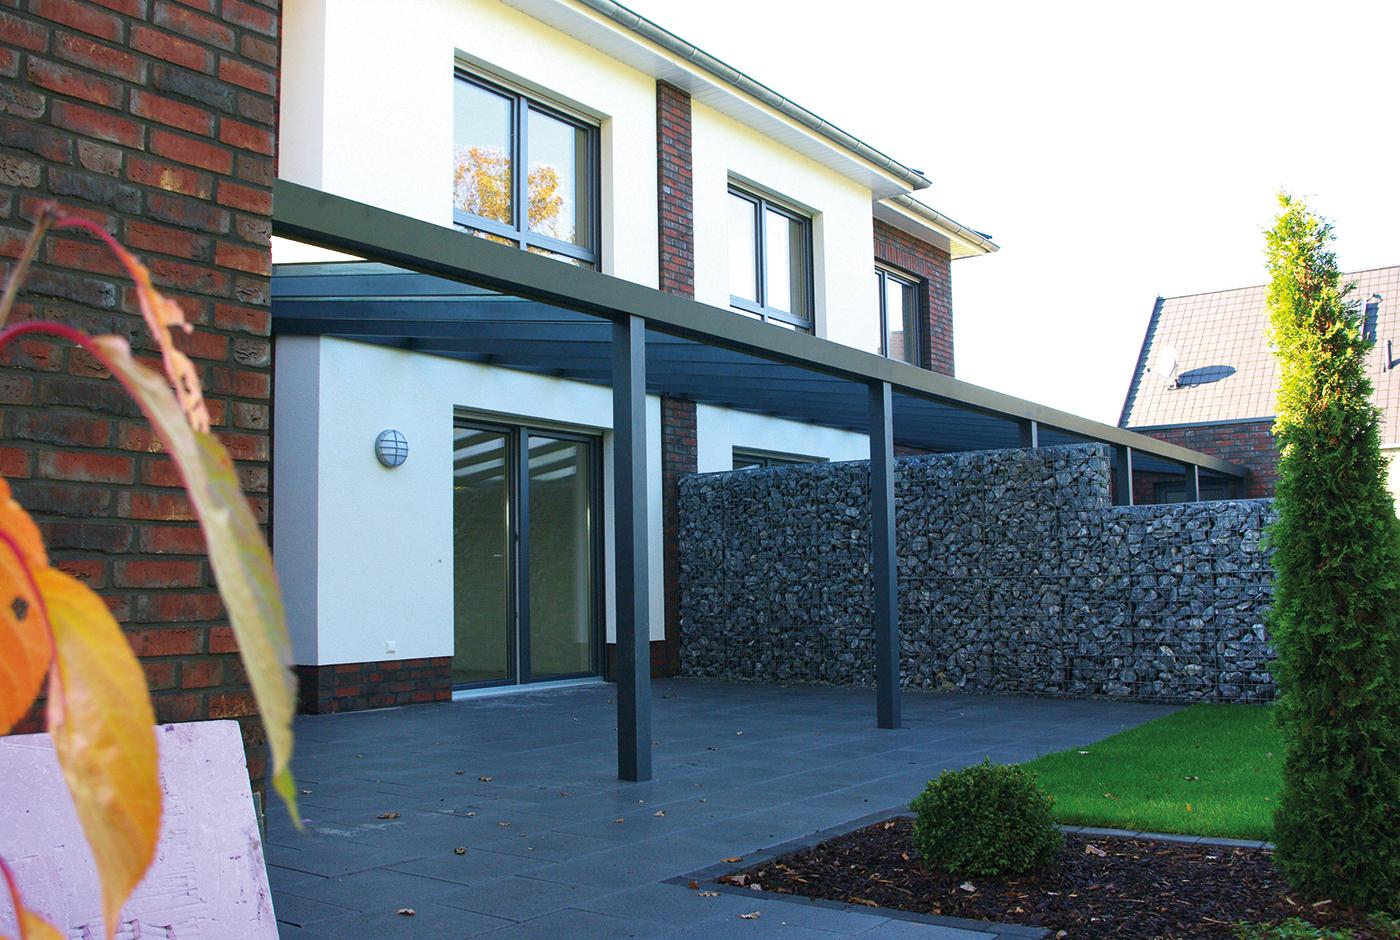 terrassenüberdachung für das reihenhaus - welche möglichkeiten gibt es?